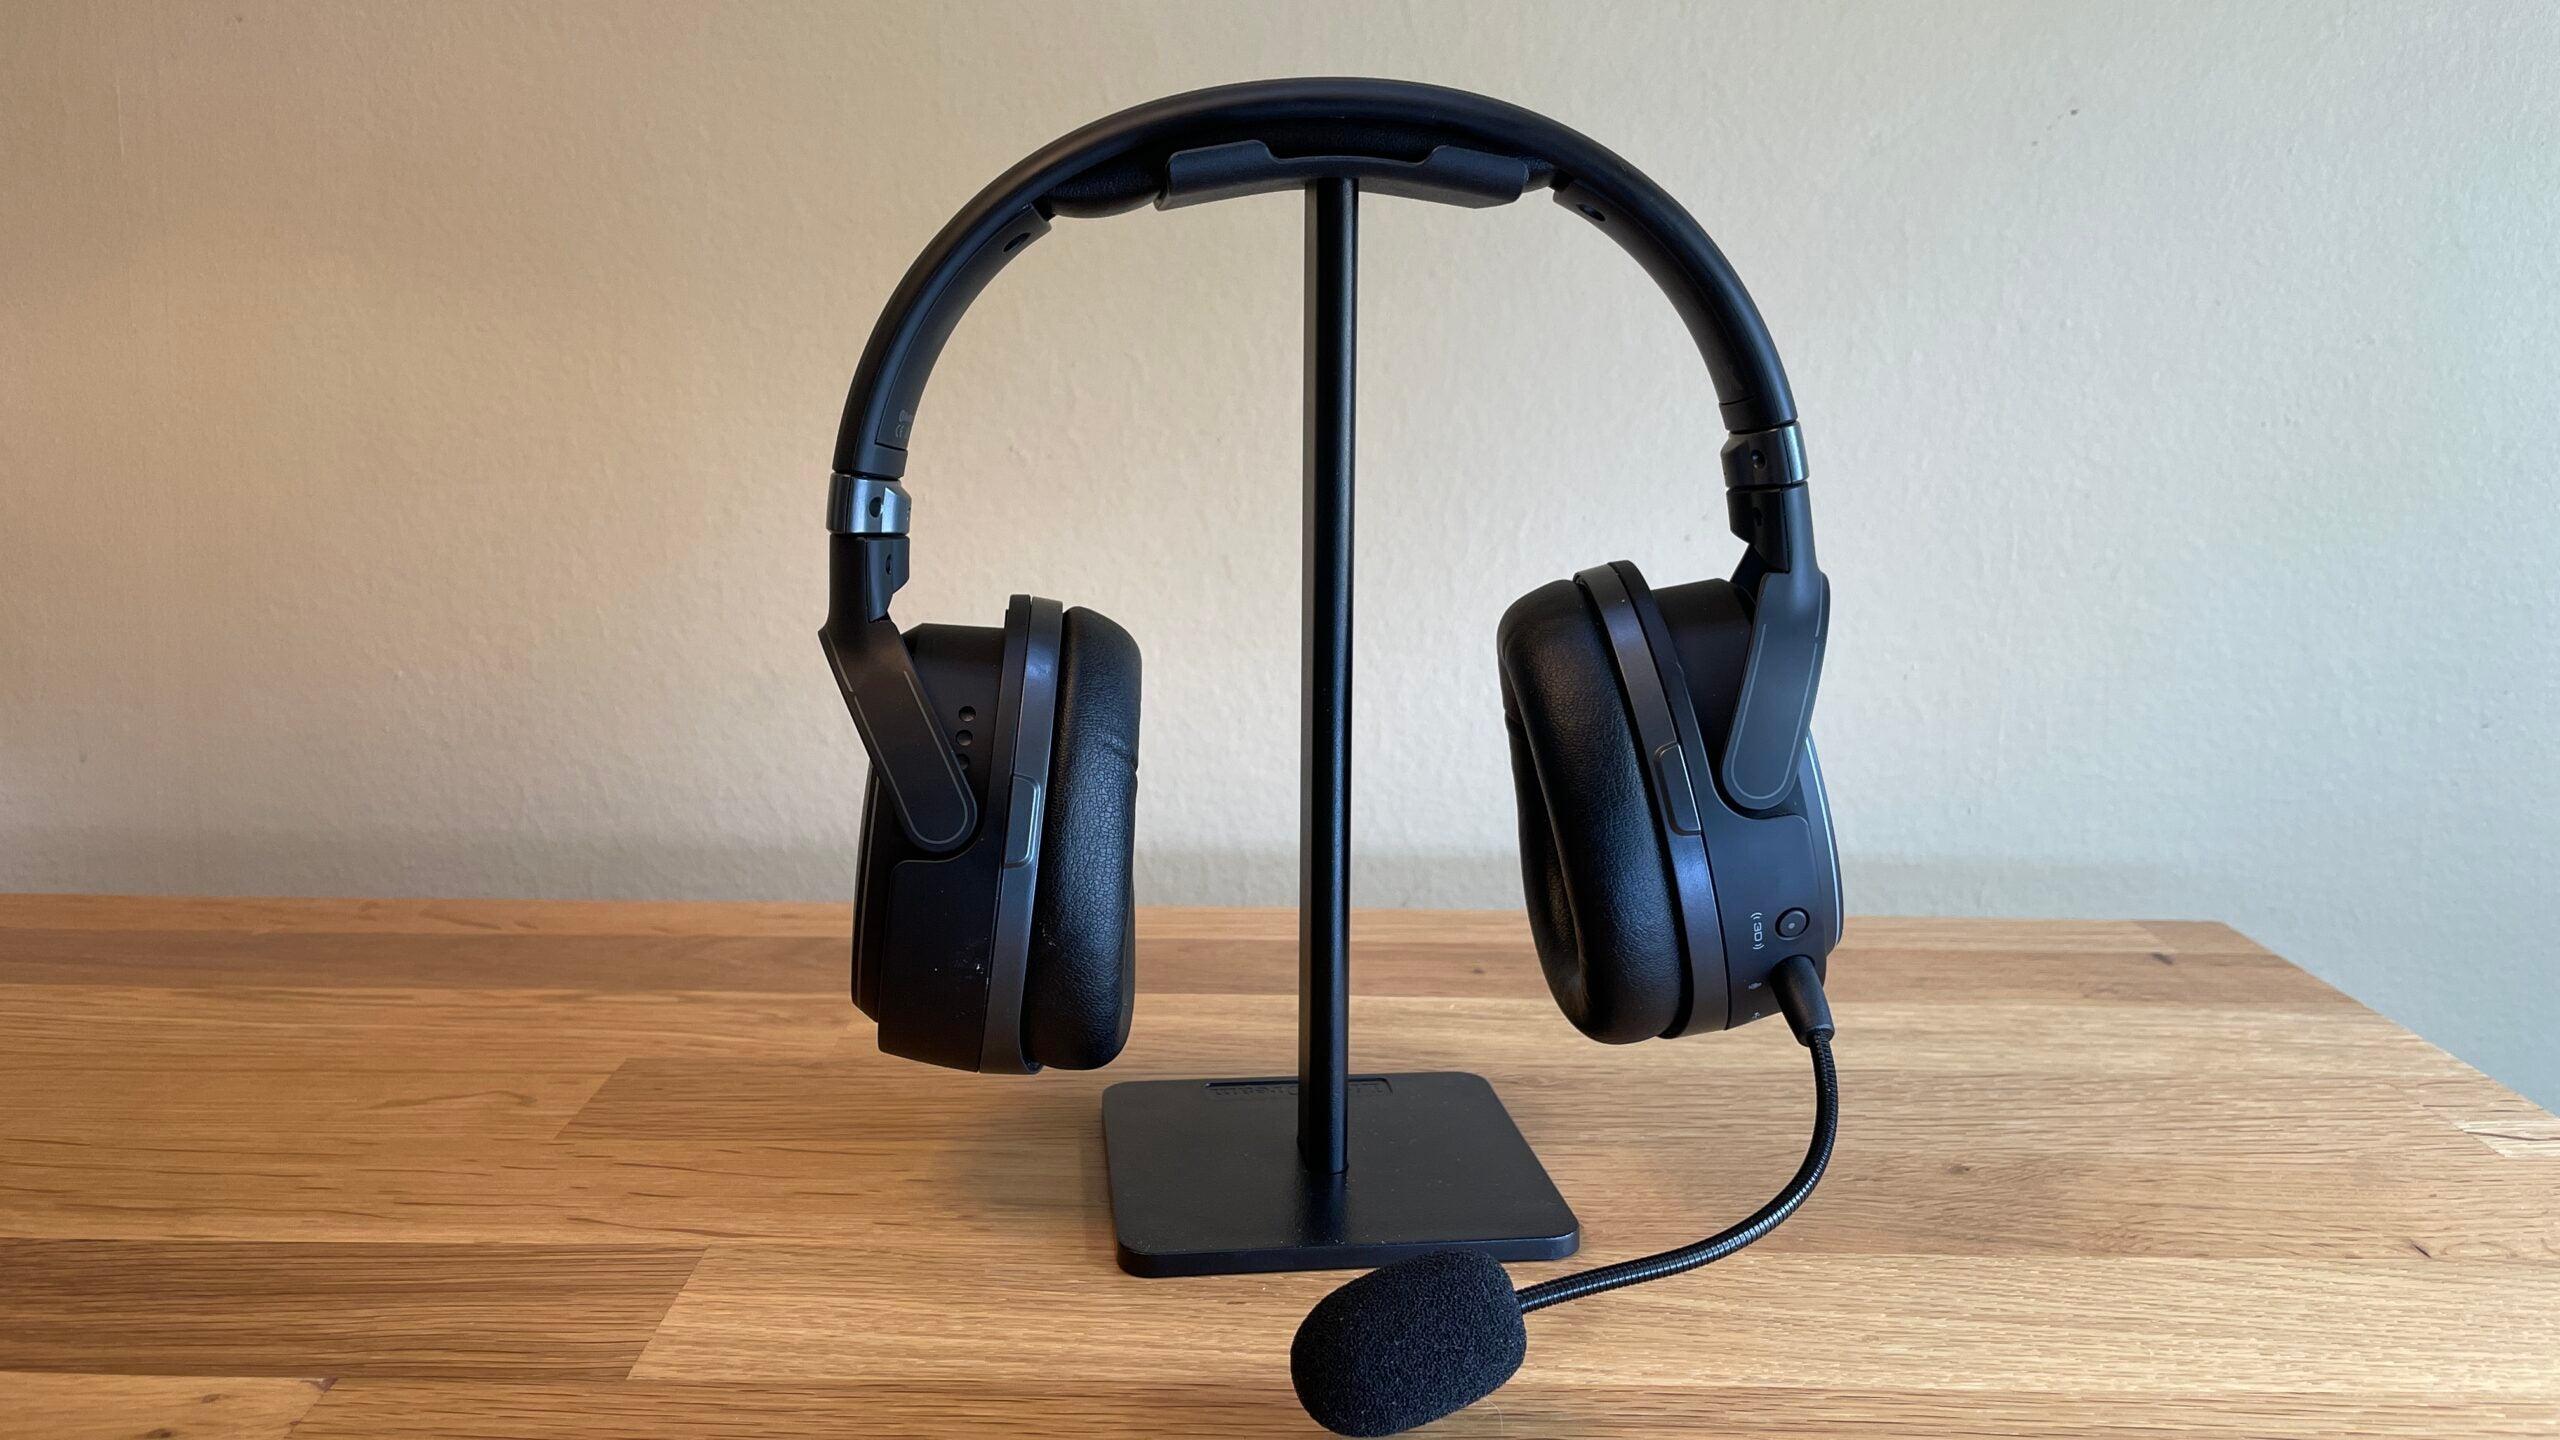 audeze mobius premium gaming headset